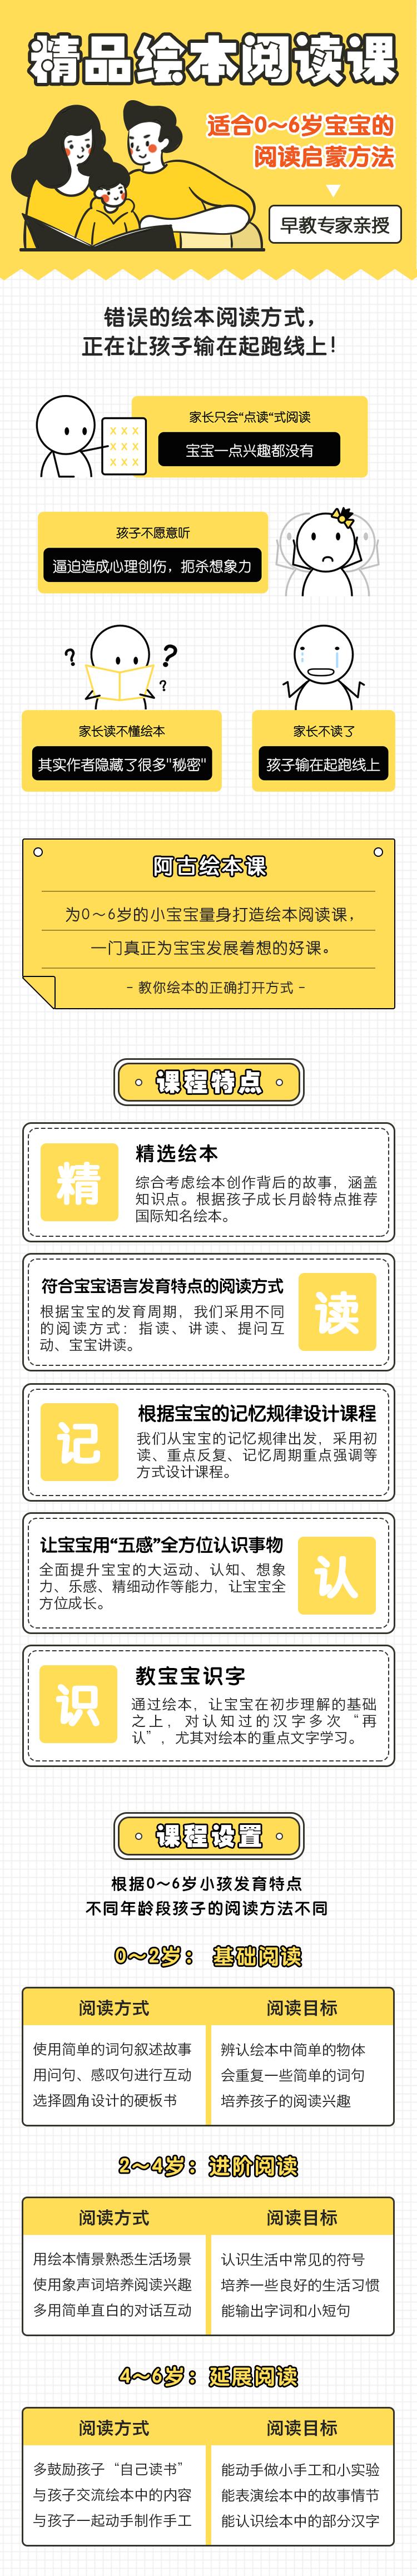 绘本总详情01.png